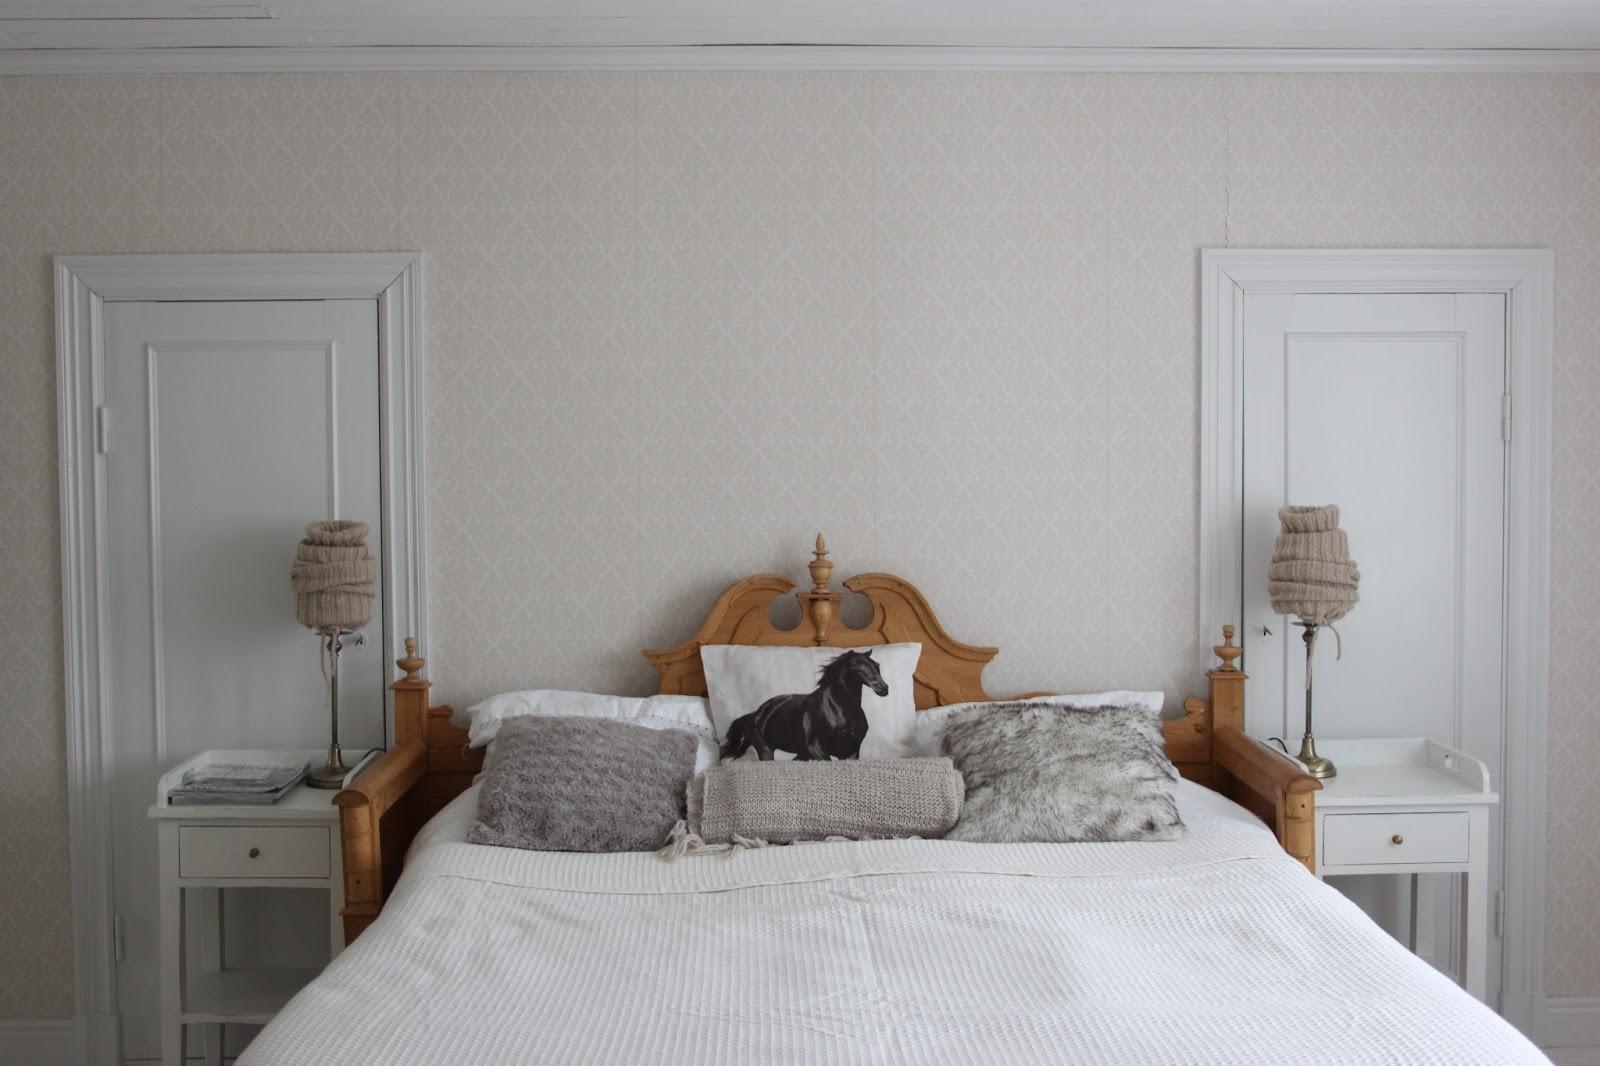 Add: design / anna stenberg / lantligt på svanängen: vilsamt sovrum!